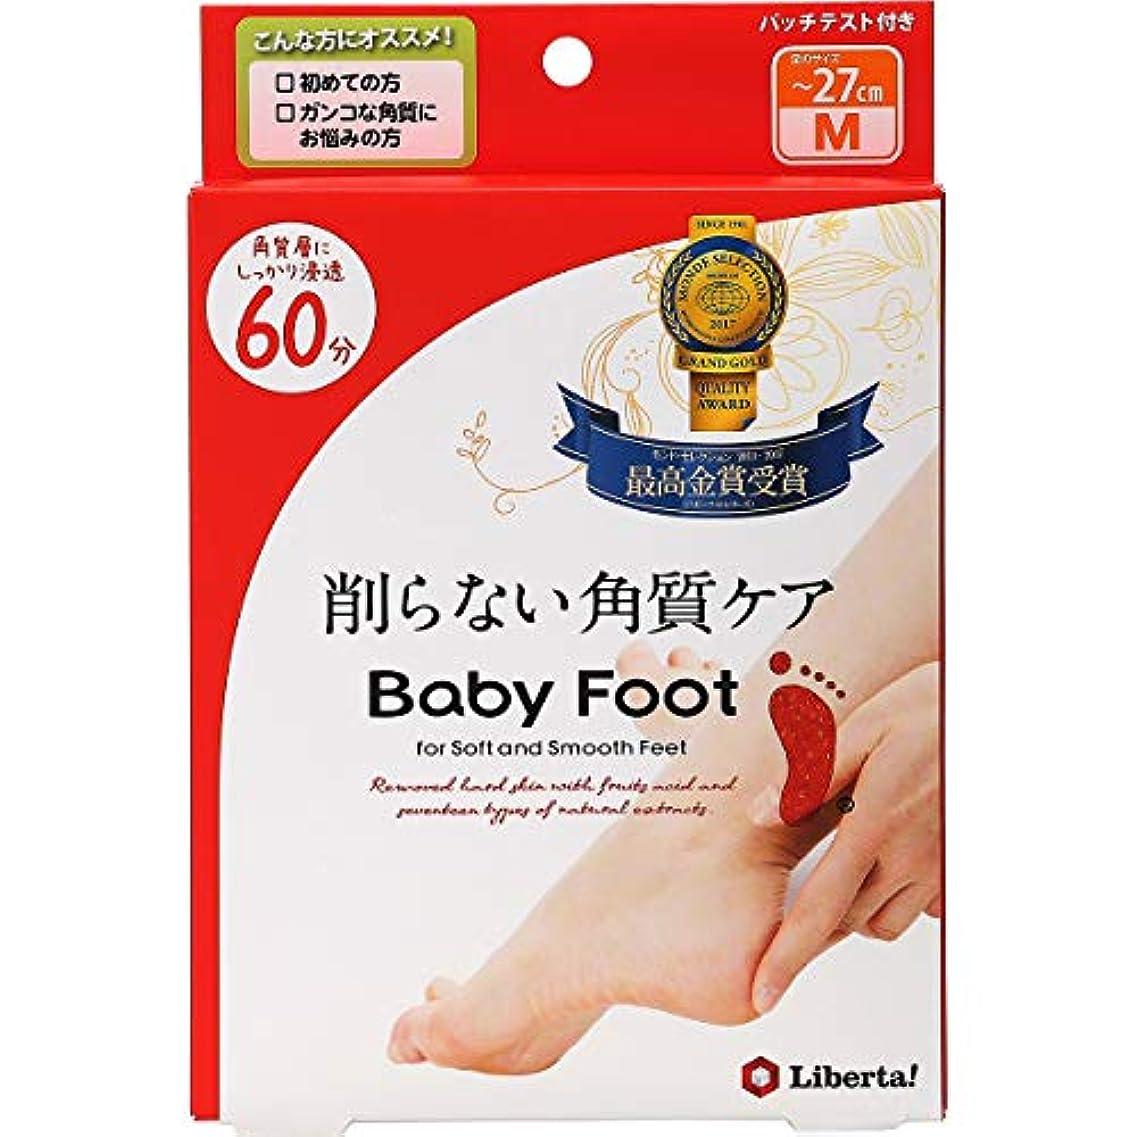 ホームレス支給群がるベビーフット (Baby Foot) ベビーフット イージーパック SPT60分タイプ Mサイズ 単品